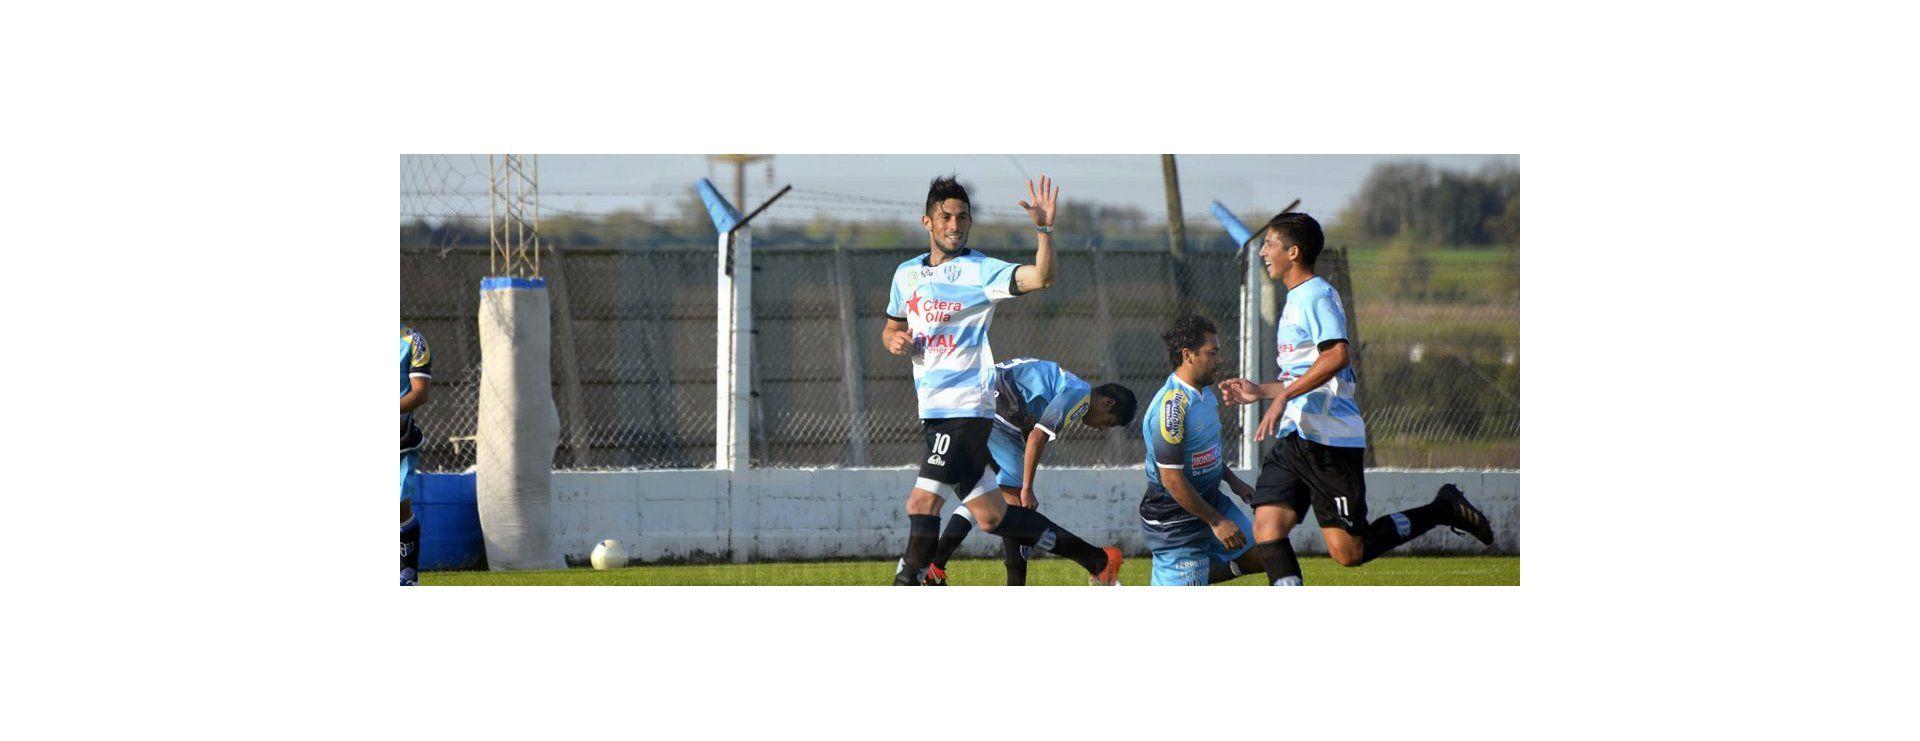 Finalizó la 12° fecha de la LPF con el empate entre Belgrano y Peñarol